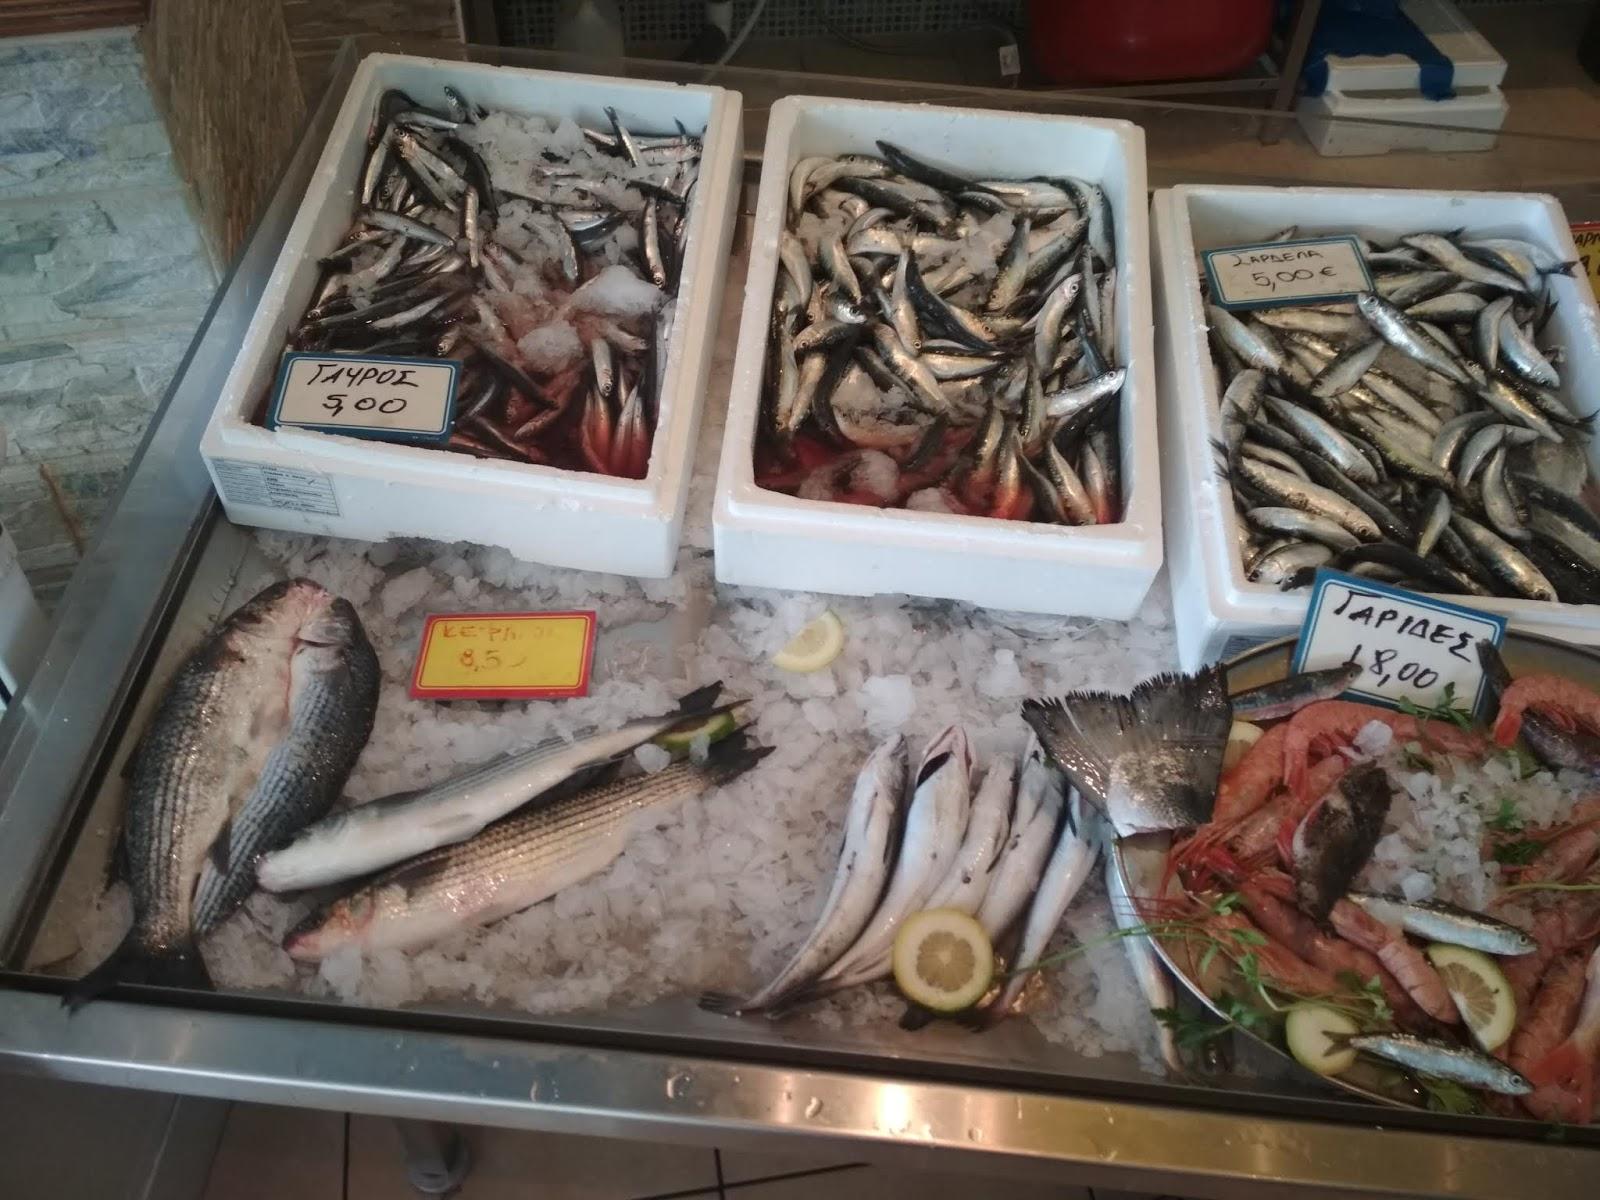 ιστοσελίδα γνωριμιών μπλε ψάρια επαγγελματίες online dating ιστοσελίδα